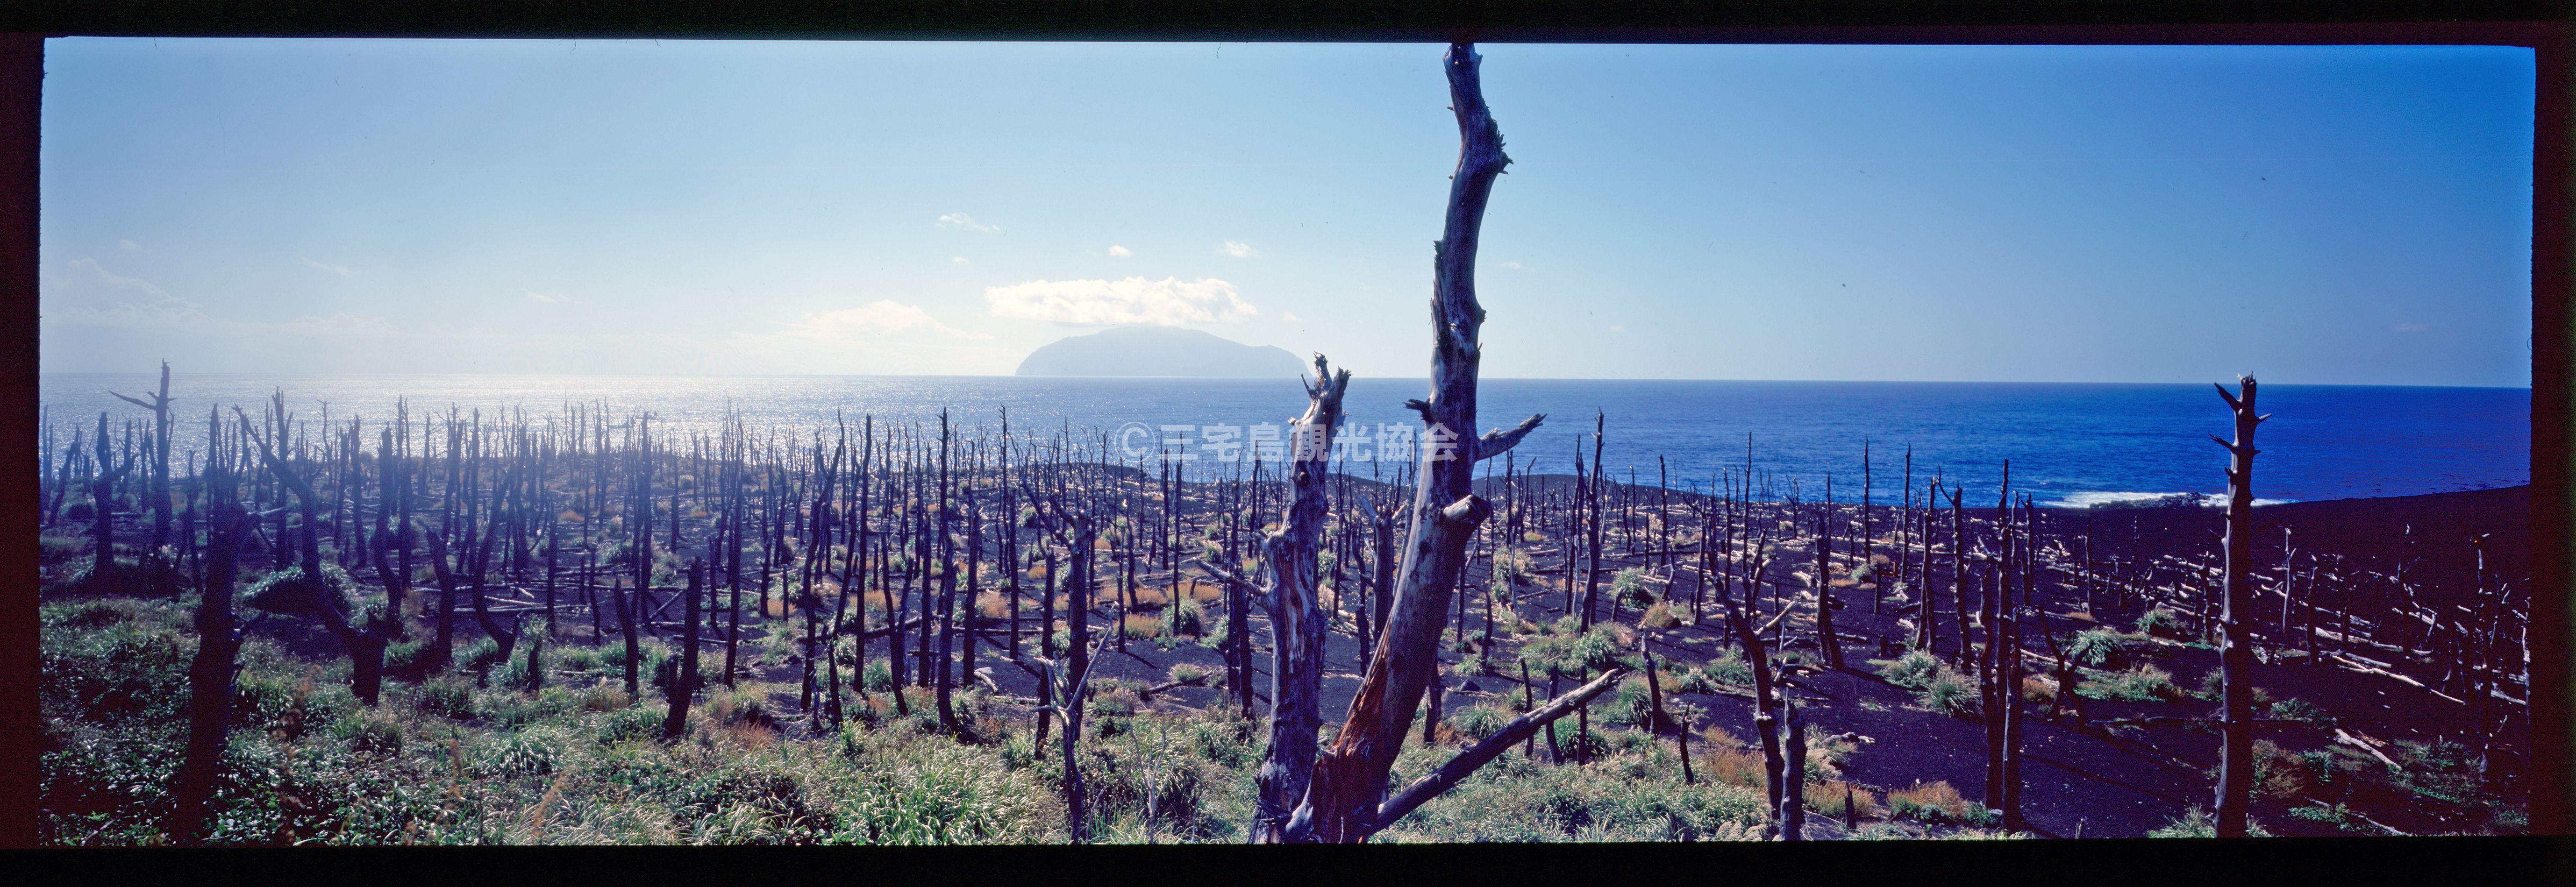 【パノラマ】 新鼻新山から御蔵島を臨む